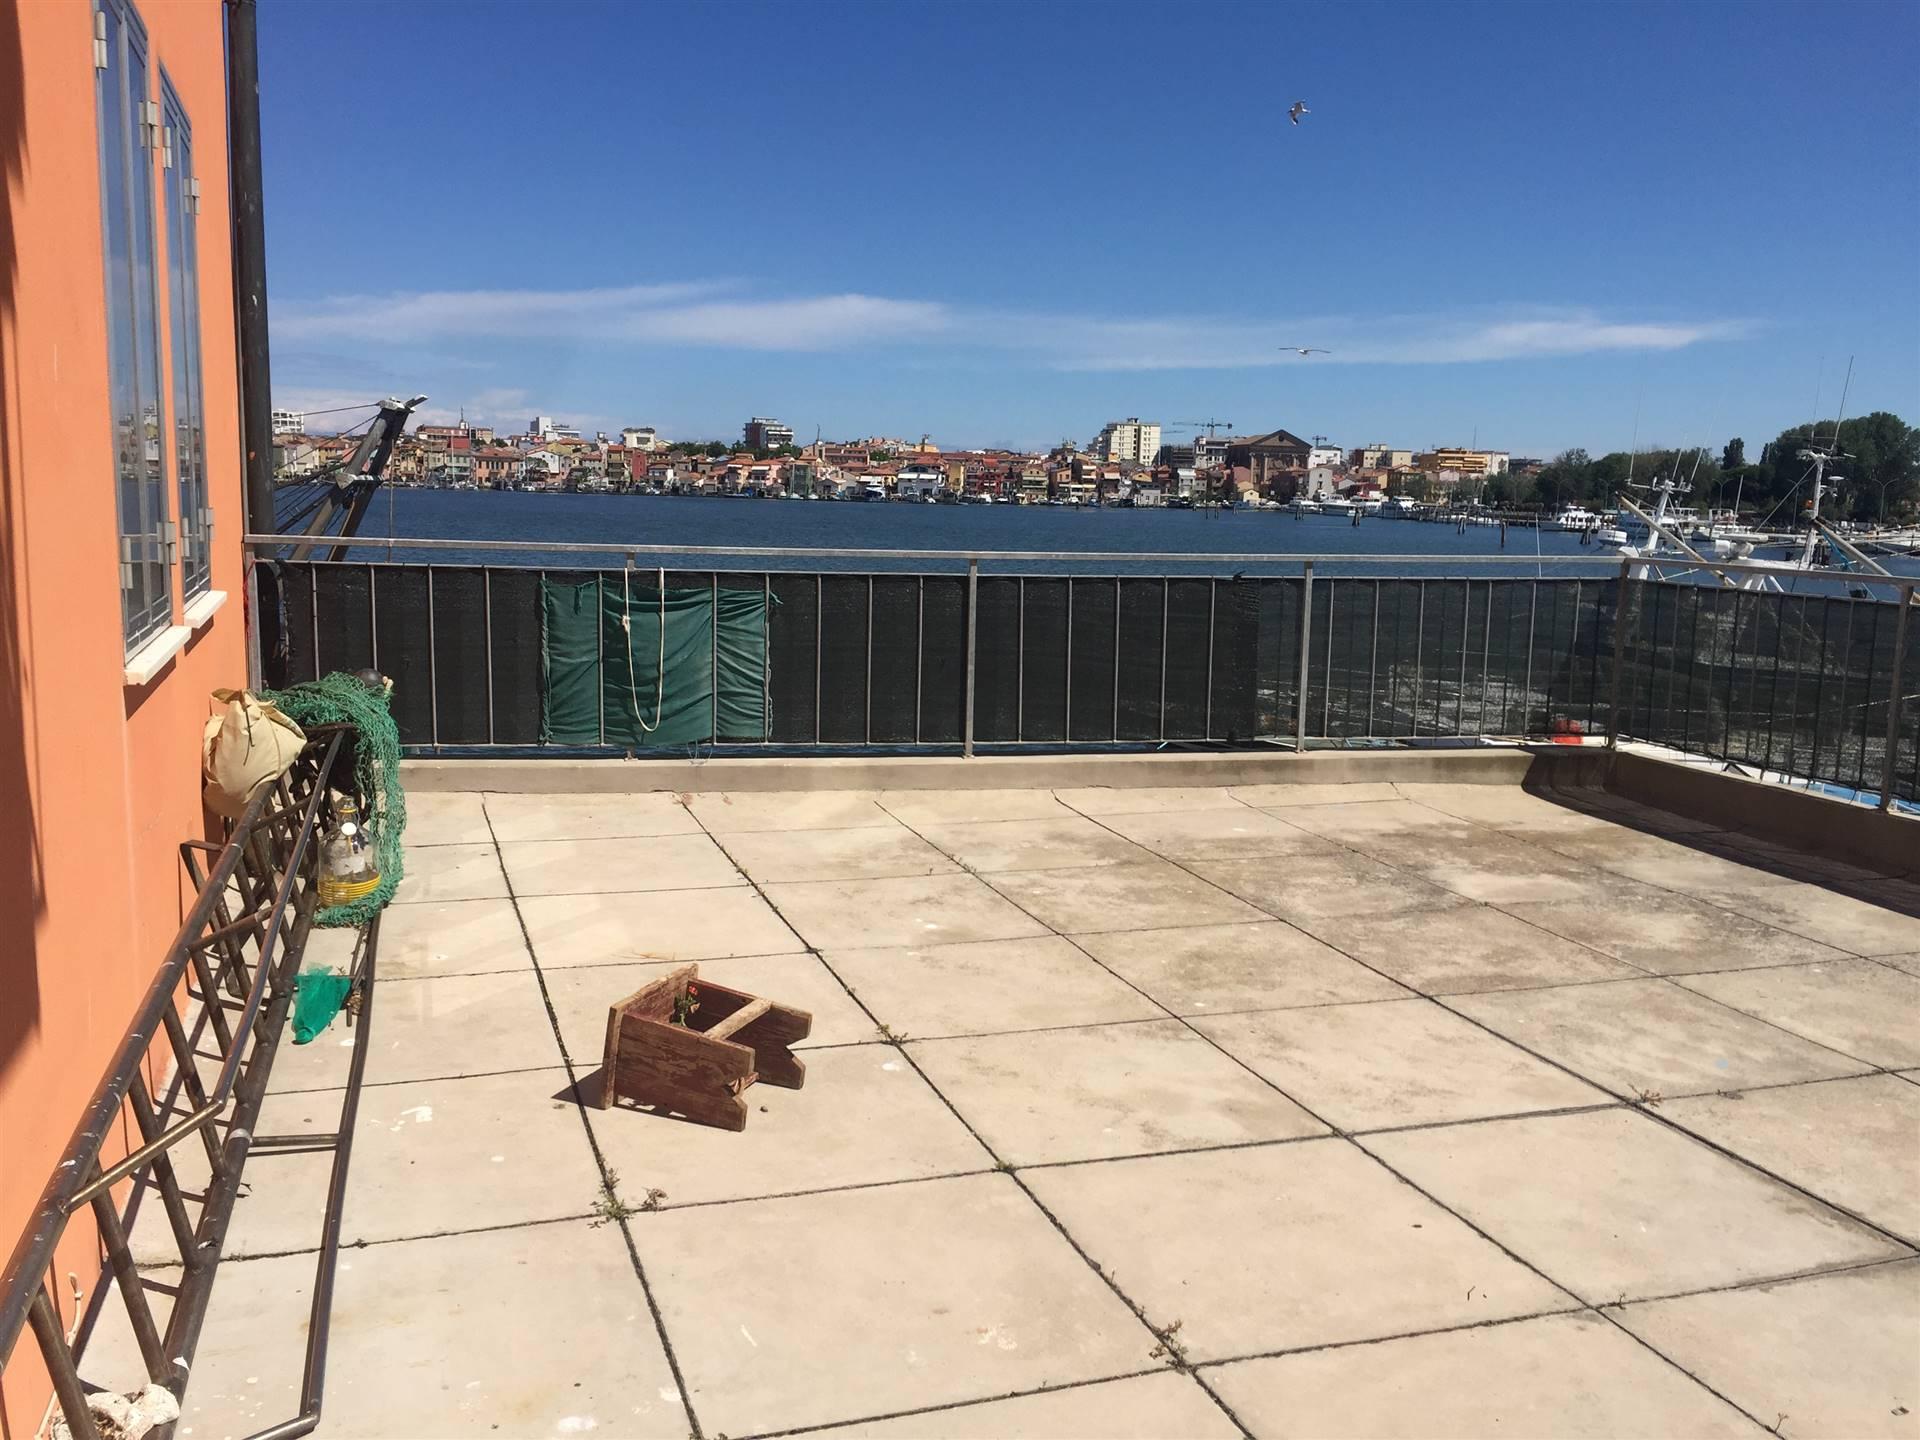 Rif. B208 CHIOGGIA: Affittasi ampio appartamento con terrazza vista laguna. Composto da soggiorno e cucina separati, tre camere, bagno e posto bici